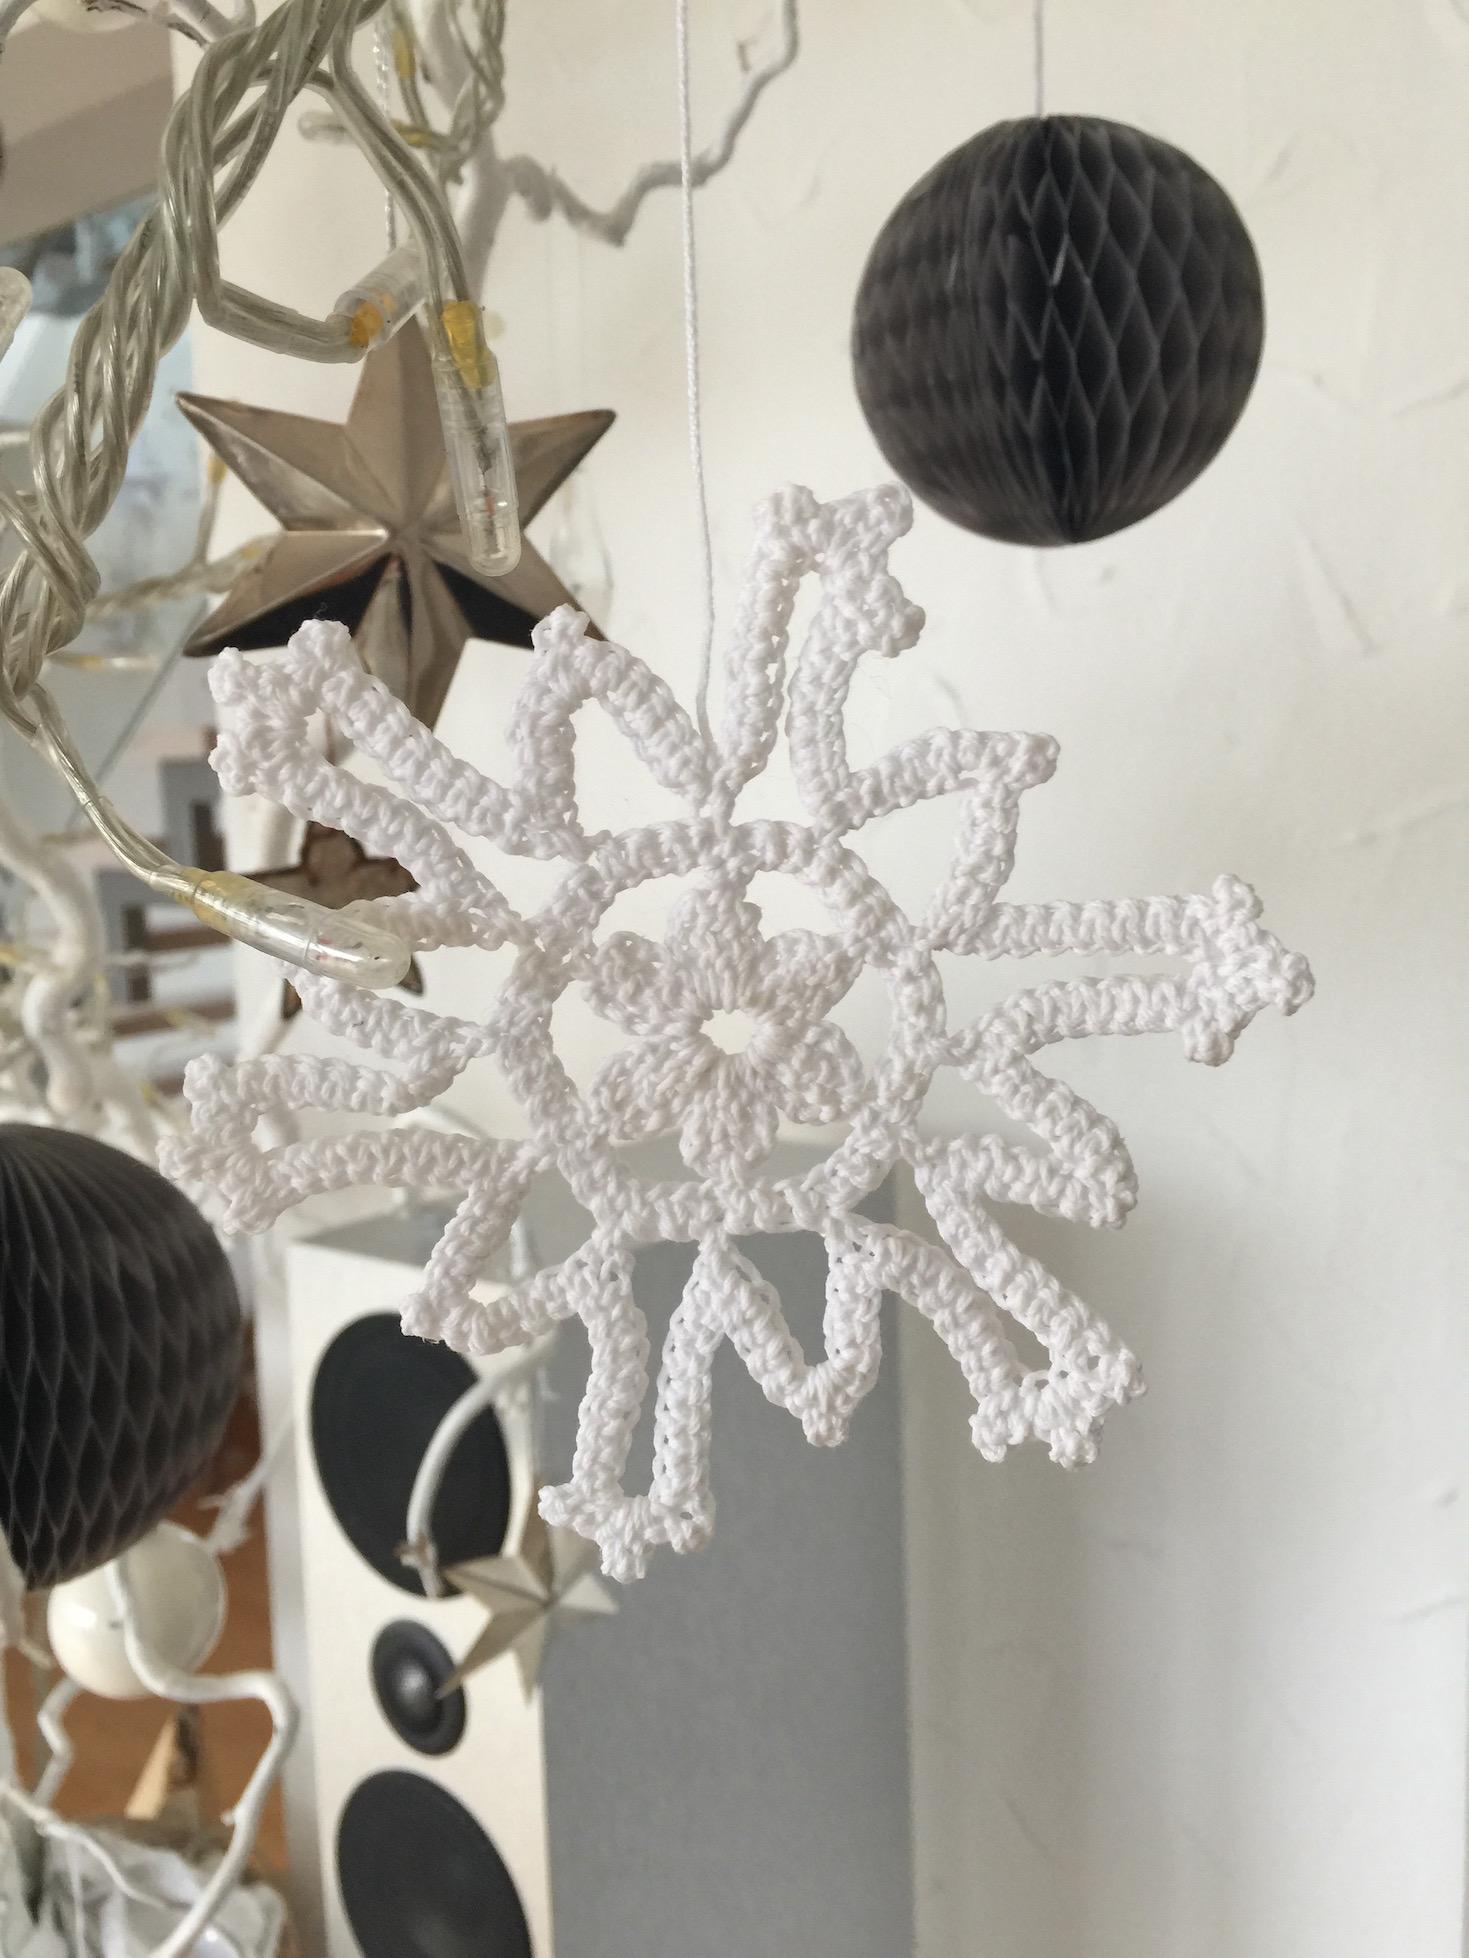 Ganzen Winter über Die Glasscheiben Schmücken: Img_6315 1 .